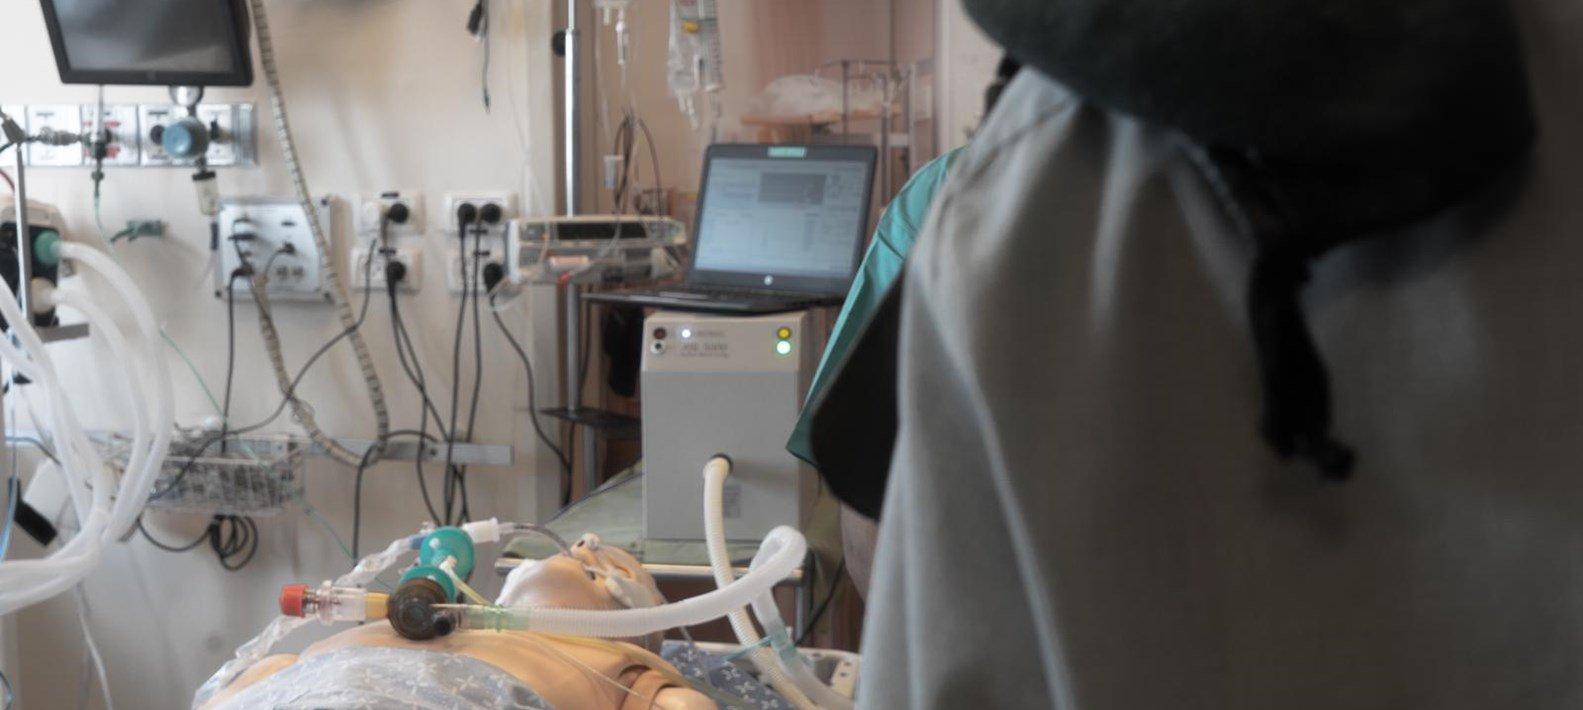 وفاة مريض كورونا إسرائيلي بعد انفصال جهاز التنفس